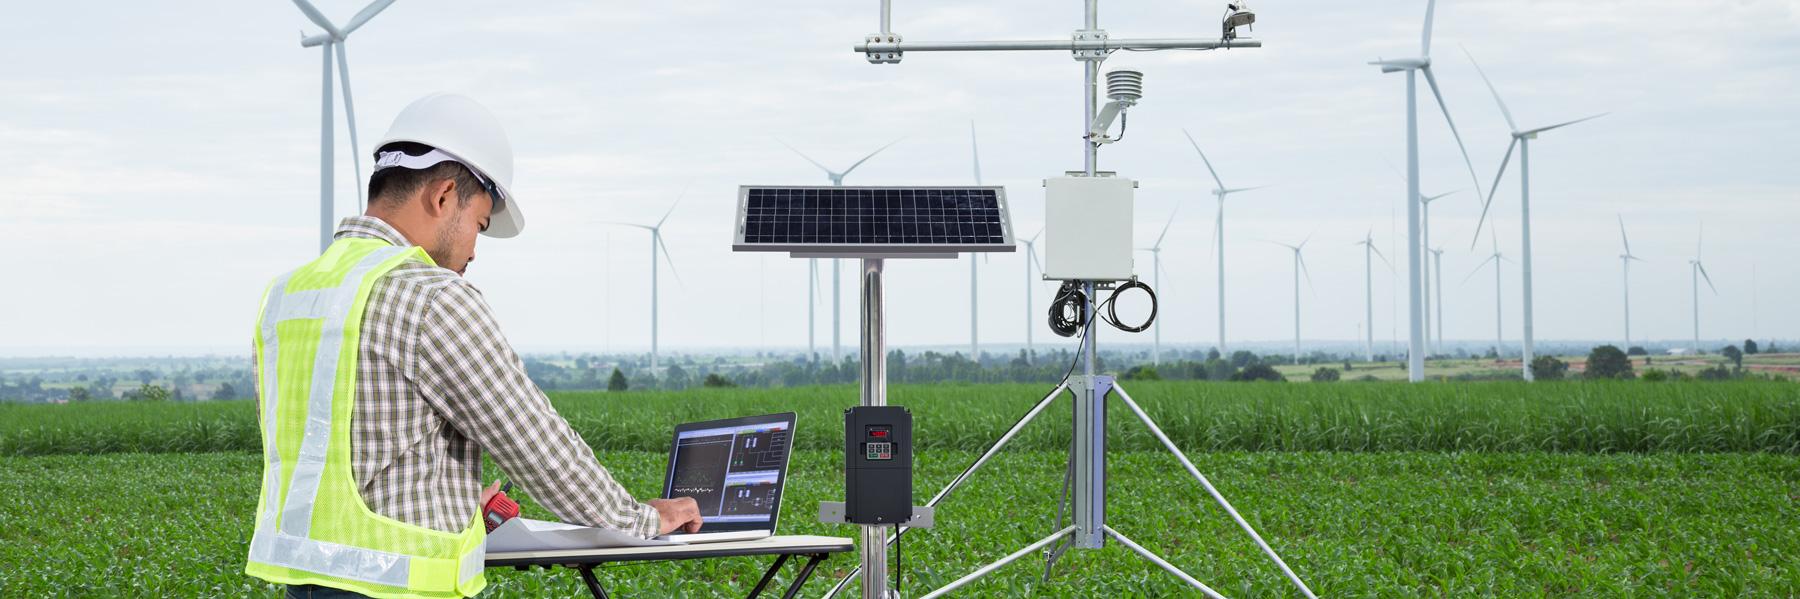 envia TEL unterstützt Technologie in der Landwirtschaft